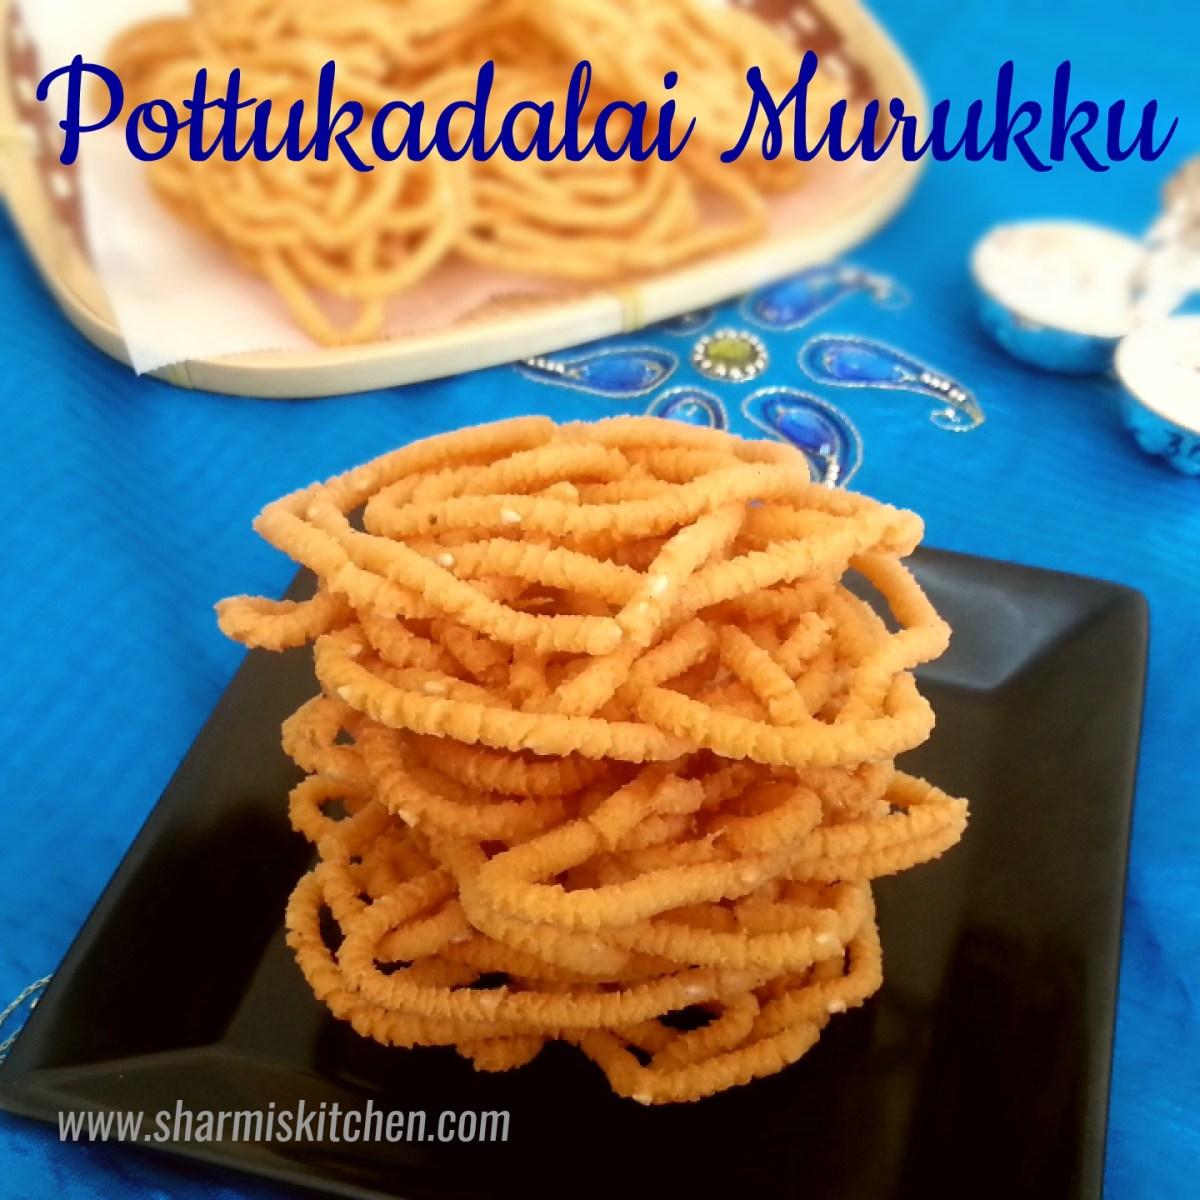 Pottukadalai Murukku | Roasted Gram Murukku Recipe - Diwali Snack